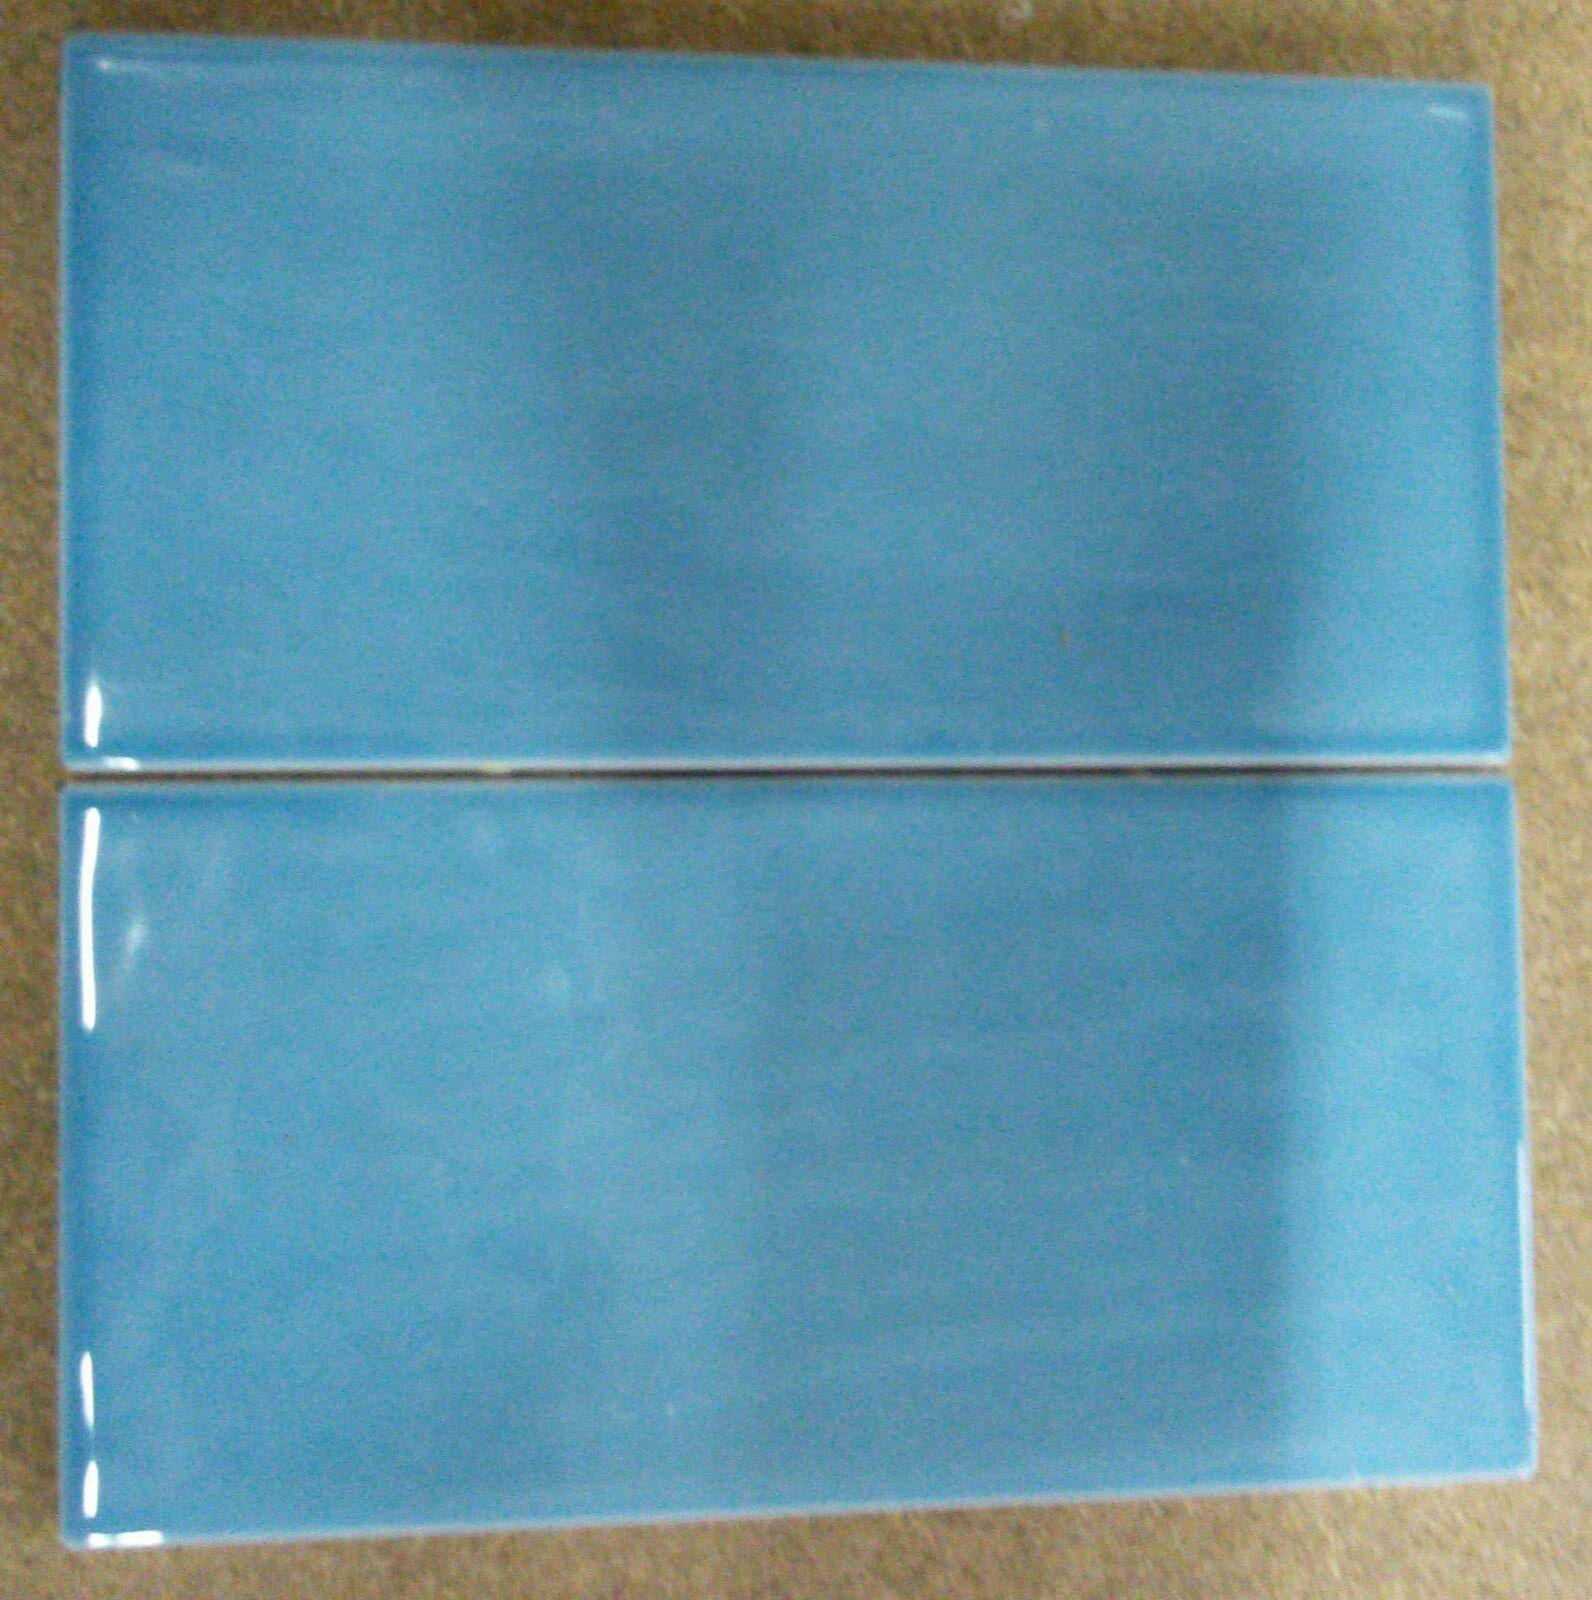 Tonalite 10x20 serie joyful colore azure opus - Tonalite piastrelle prezzi ...